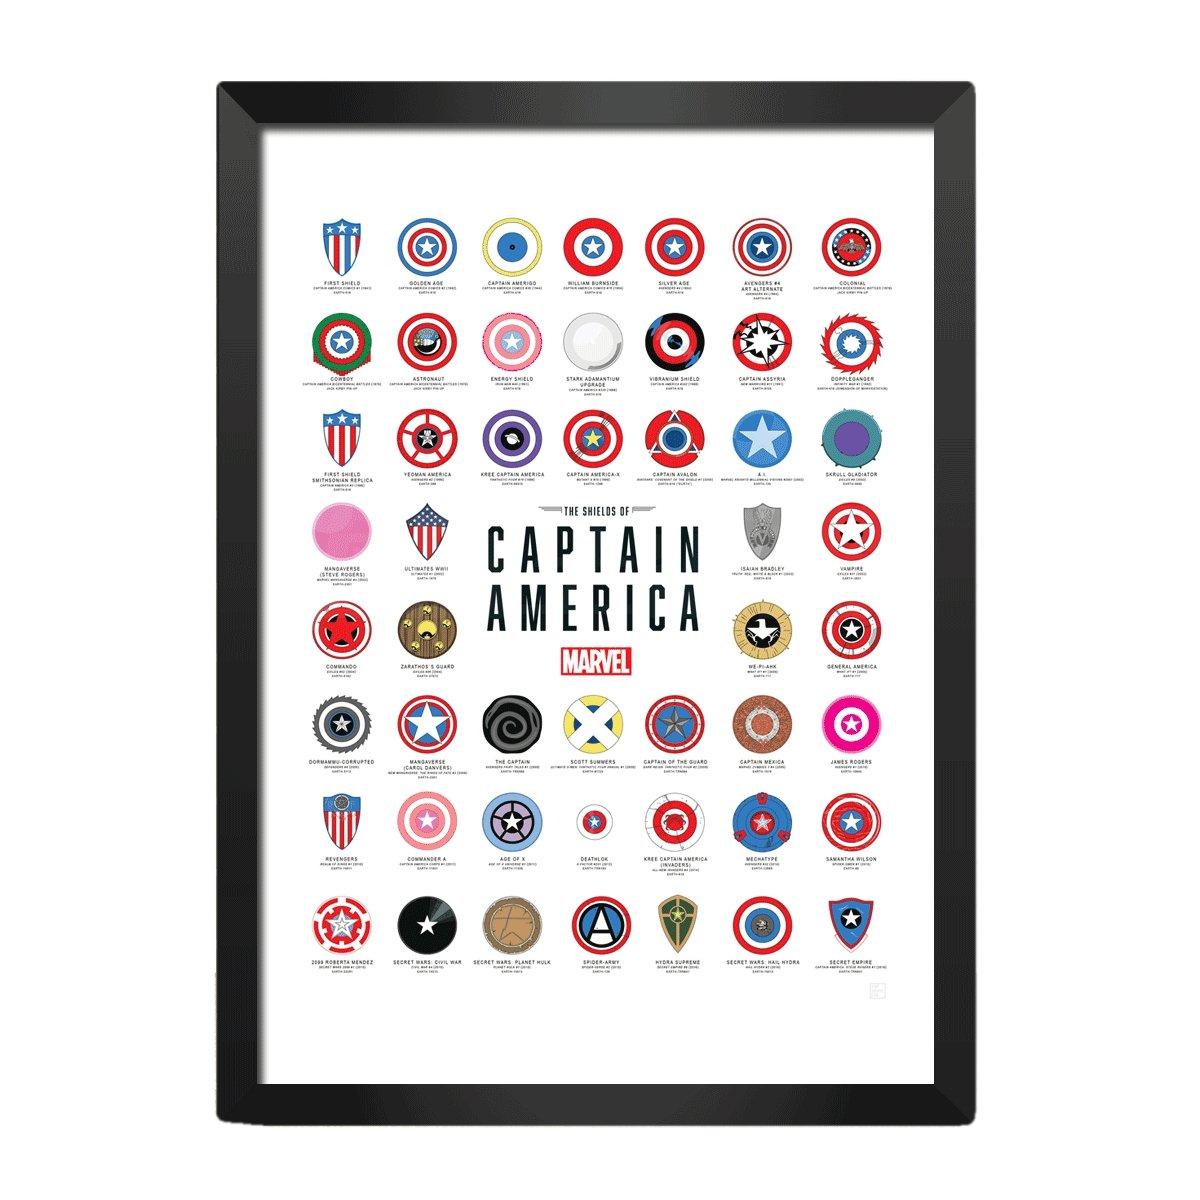 [ ]彩色裝飾海報 美國隊長盾牌圖艦 Captain America復仇者漫畫英雄 科幻電影裝飾臥室宿舍客廳牆畫咖啡廳